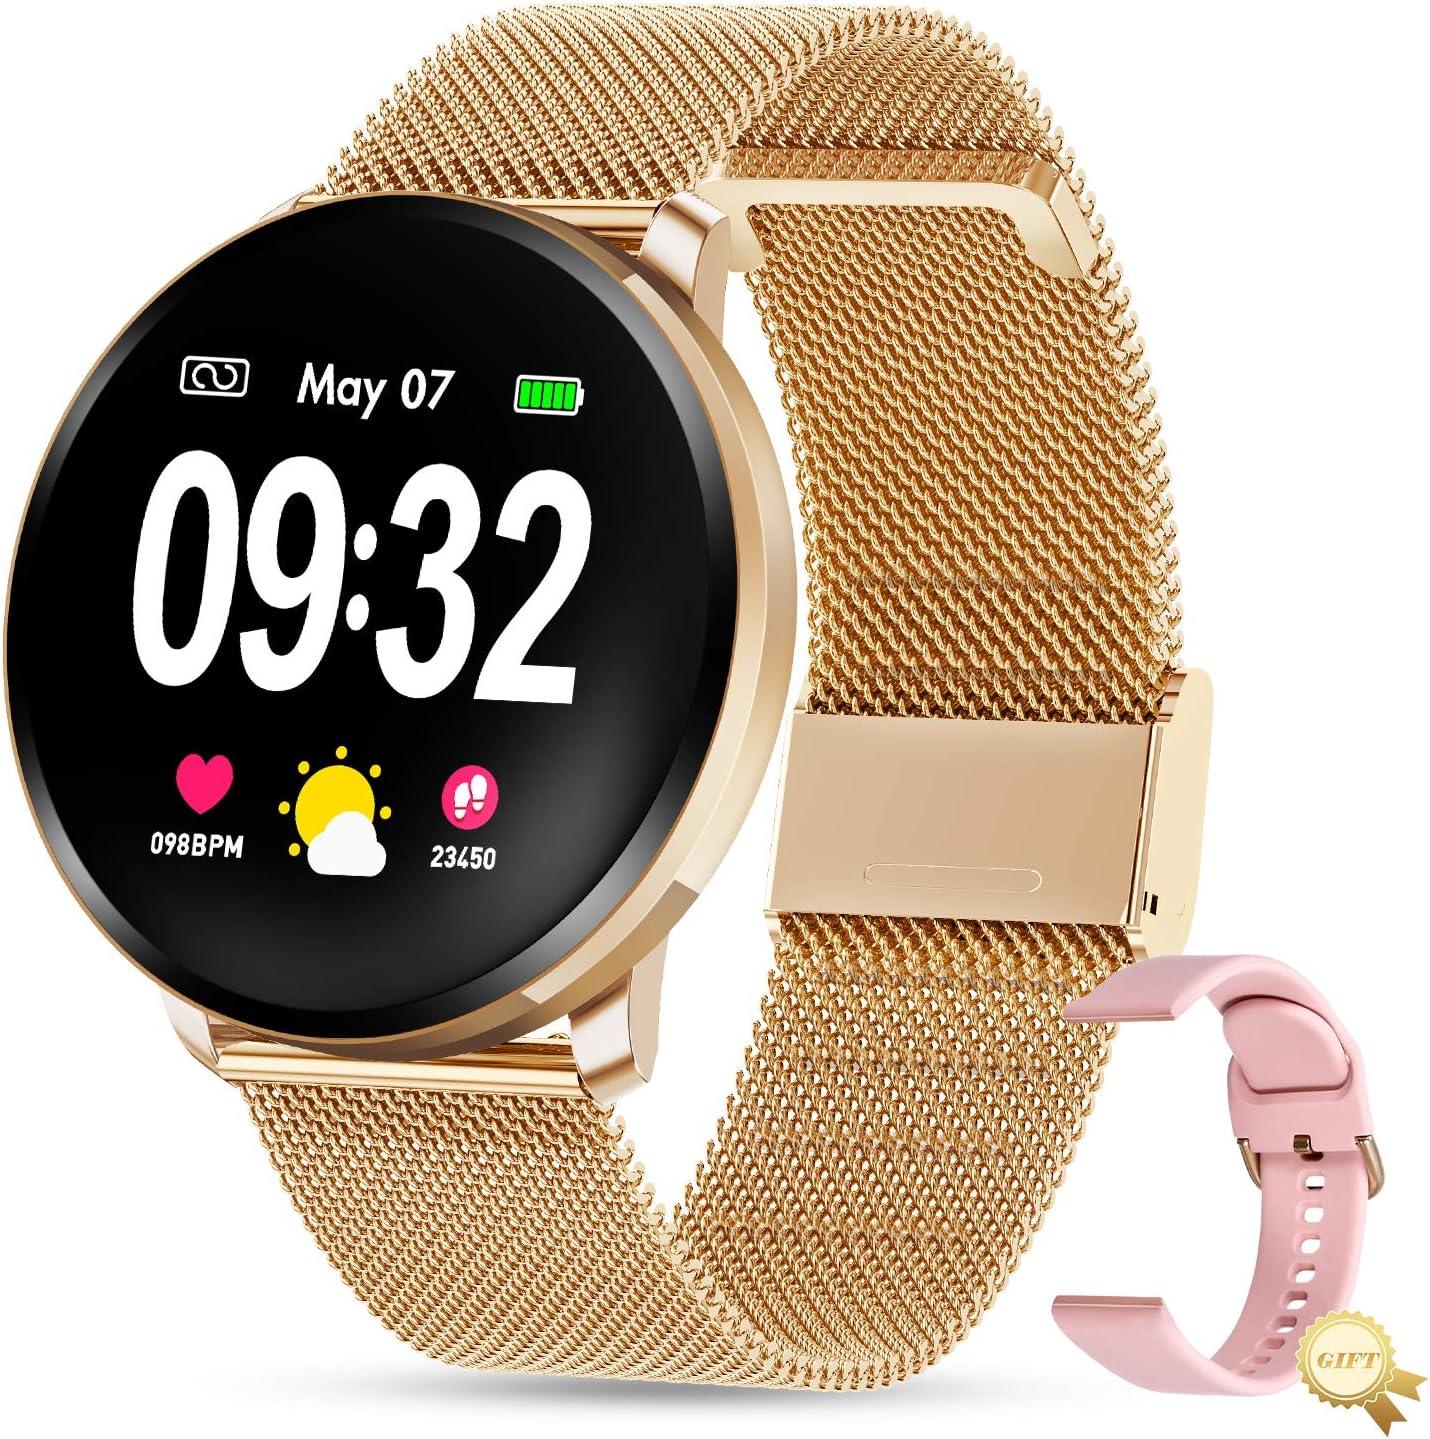 GOKOO Reloj Inteligente Mujer Smartwatch Bluetooth Rastreador de Fitness Pulsómetros Monitor de Sueño IP67 Impermeable Reloj Deportivo Compatible con Android iOS